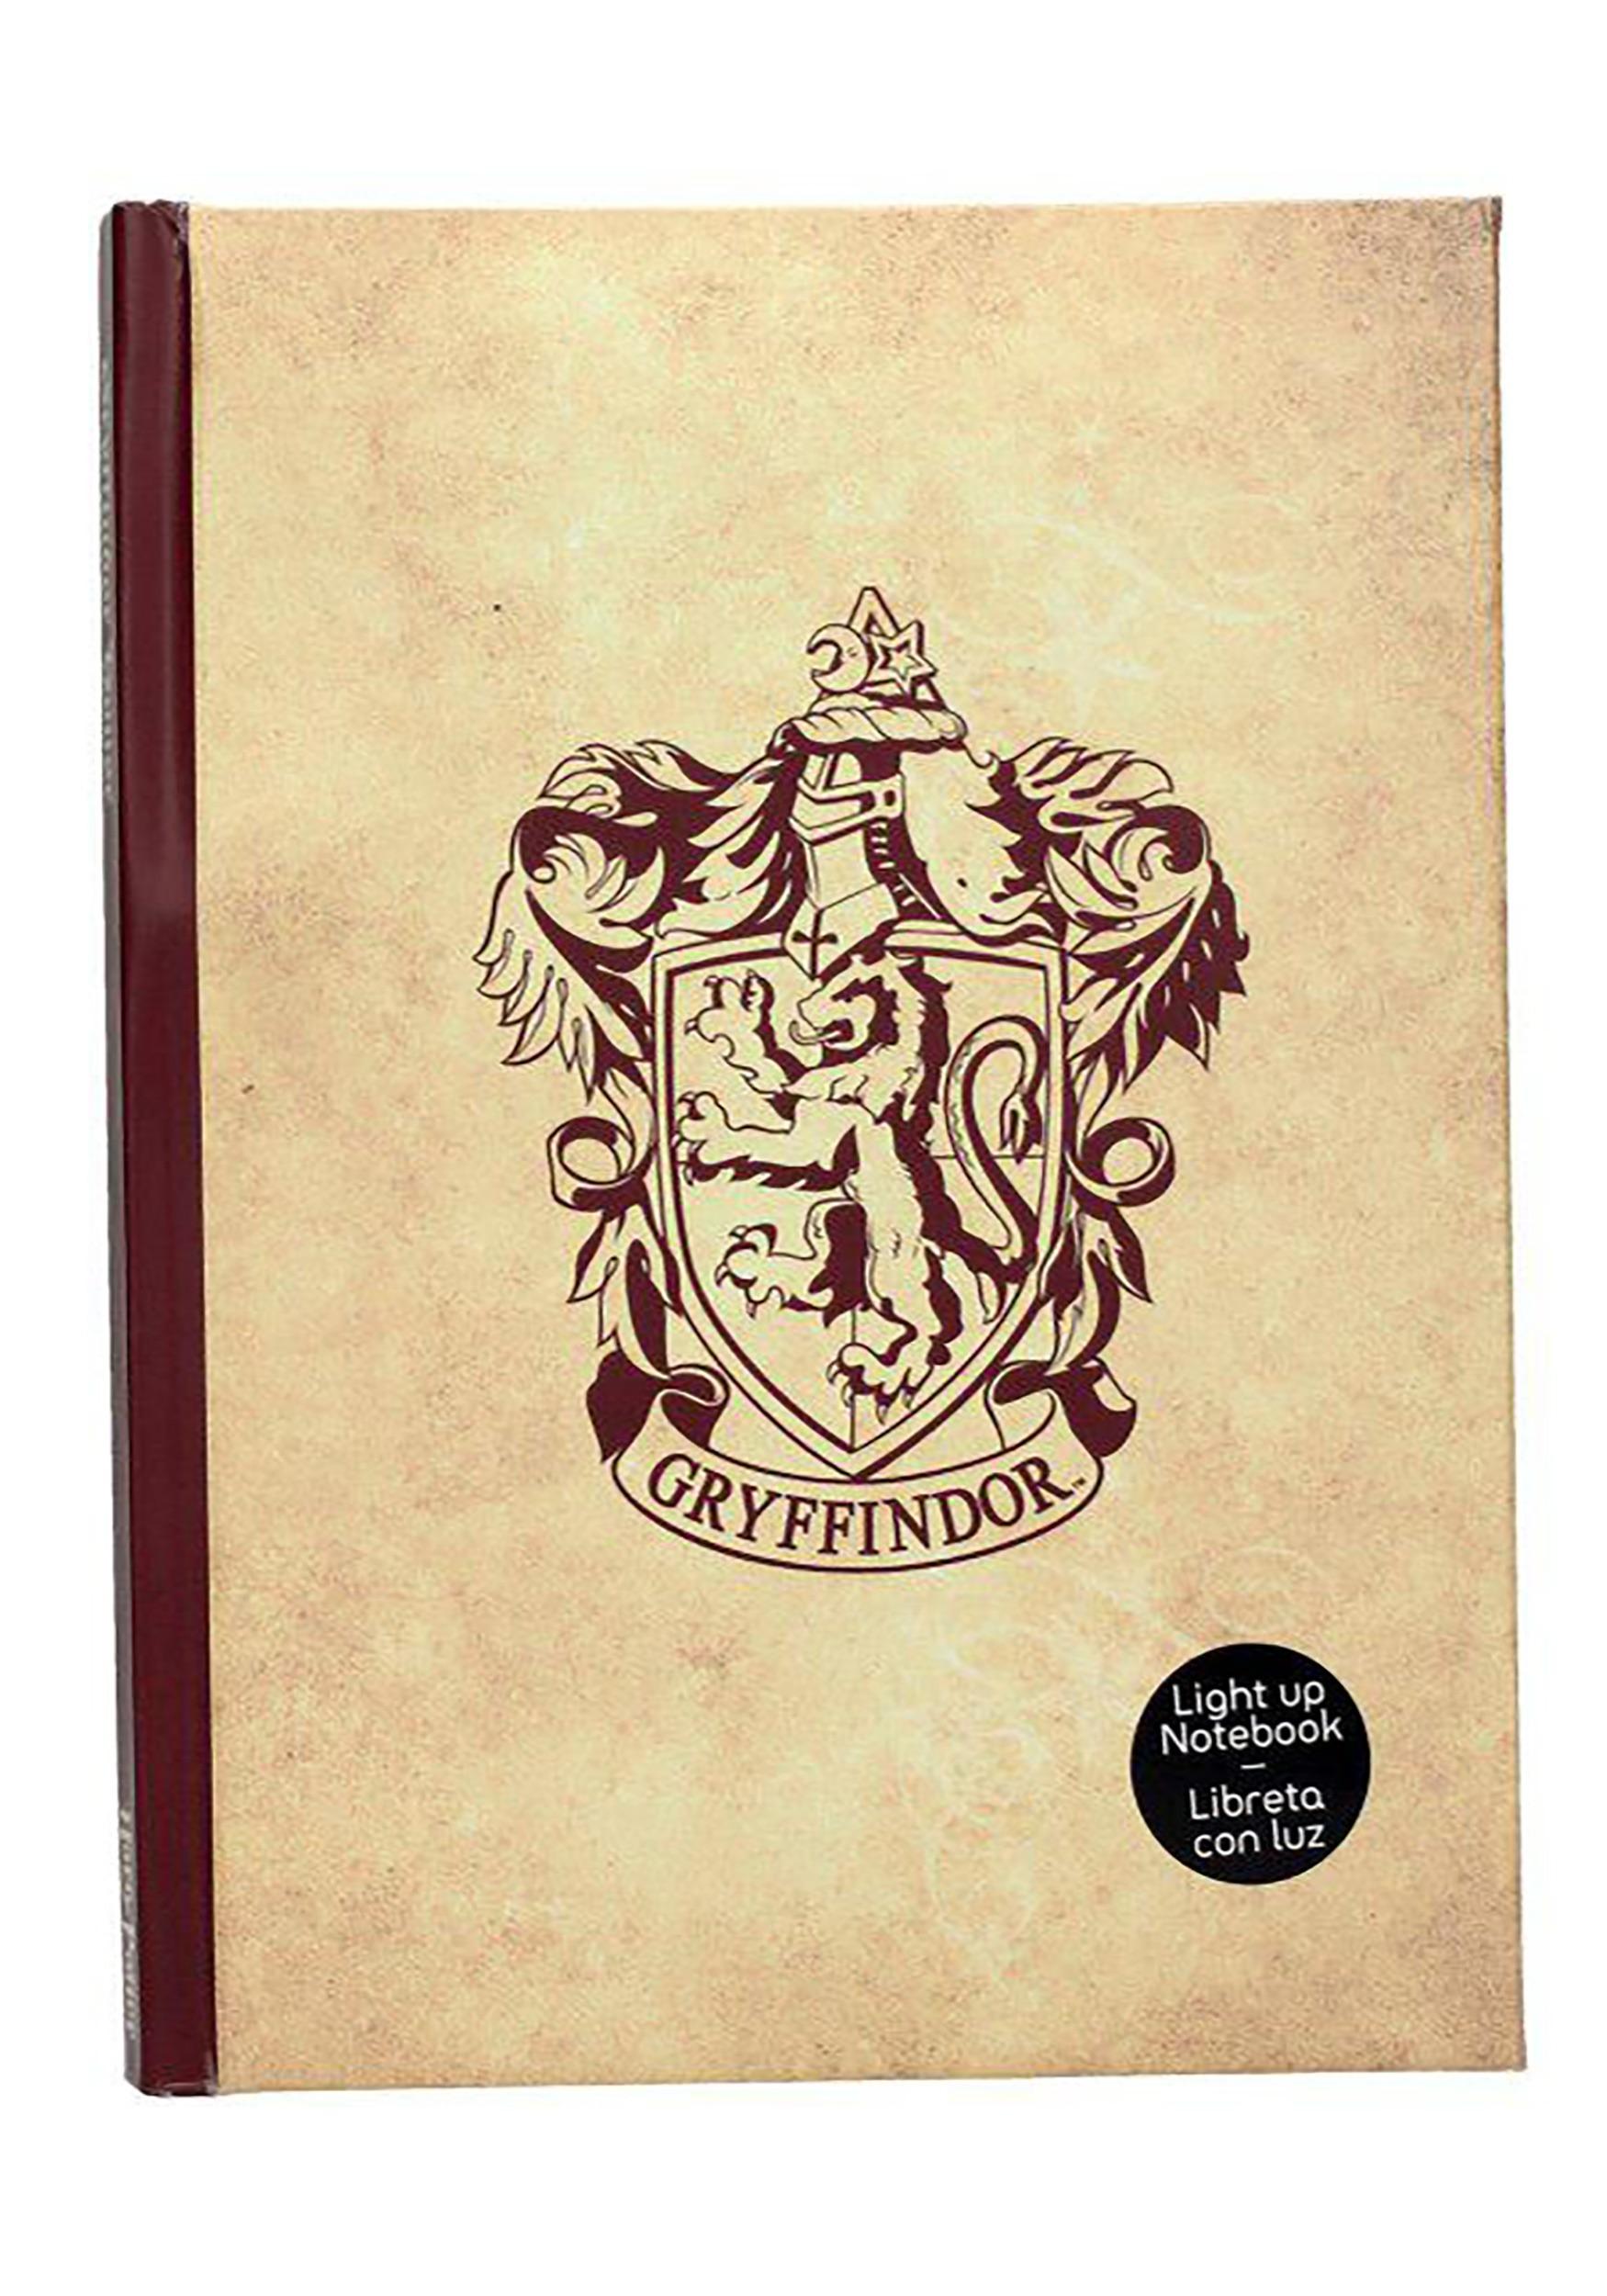 Harry Potter Gryffindor Light Up Ruled Notebook